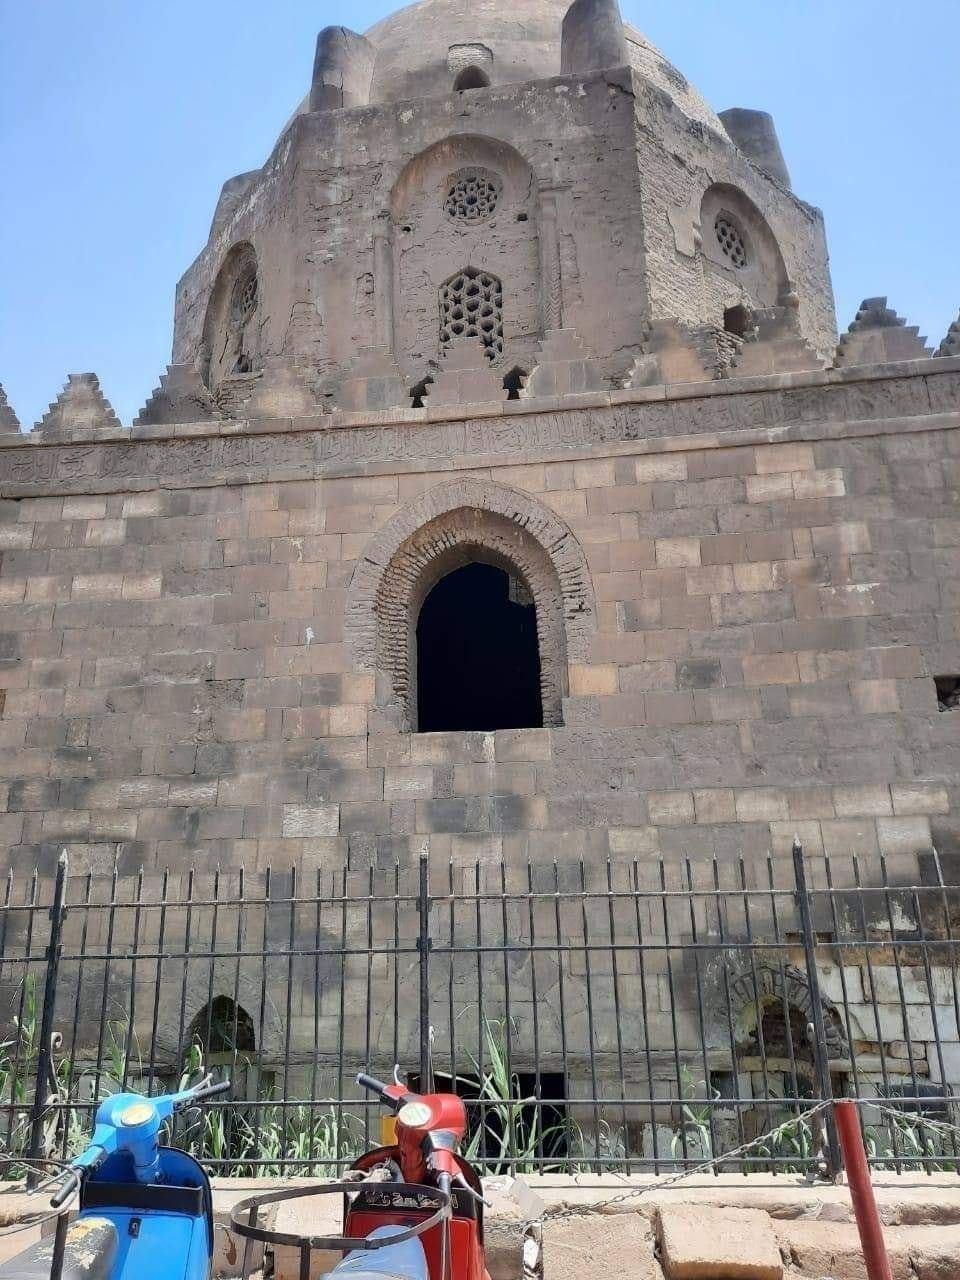 مشروع إحياء مسار آل البيت بالقاهرة (3)